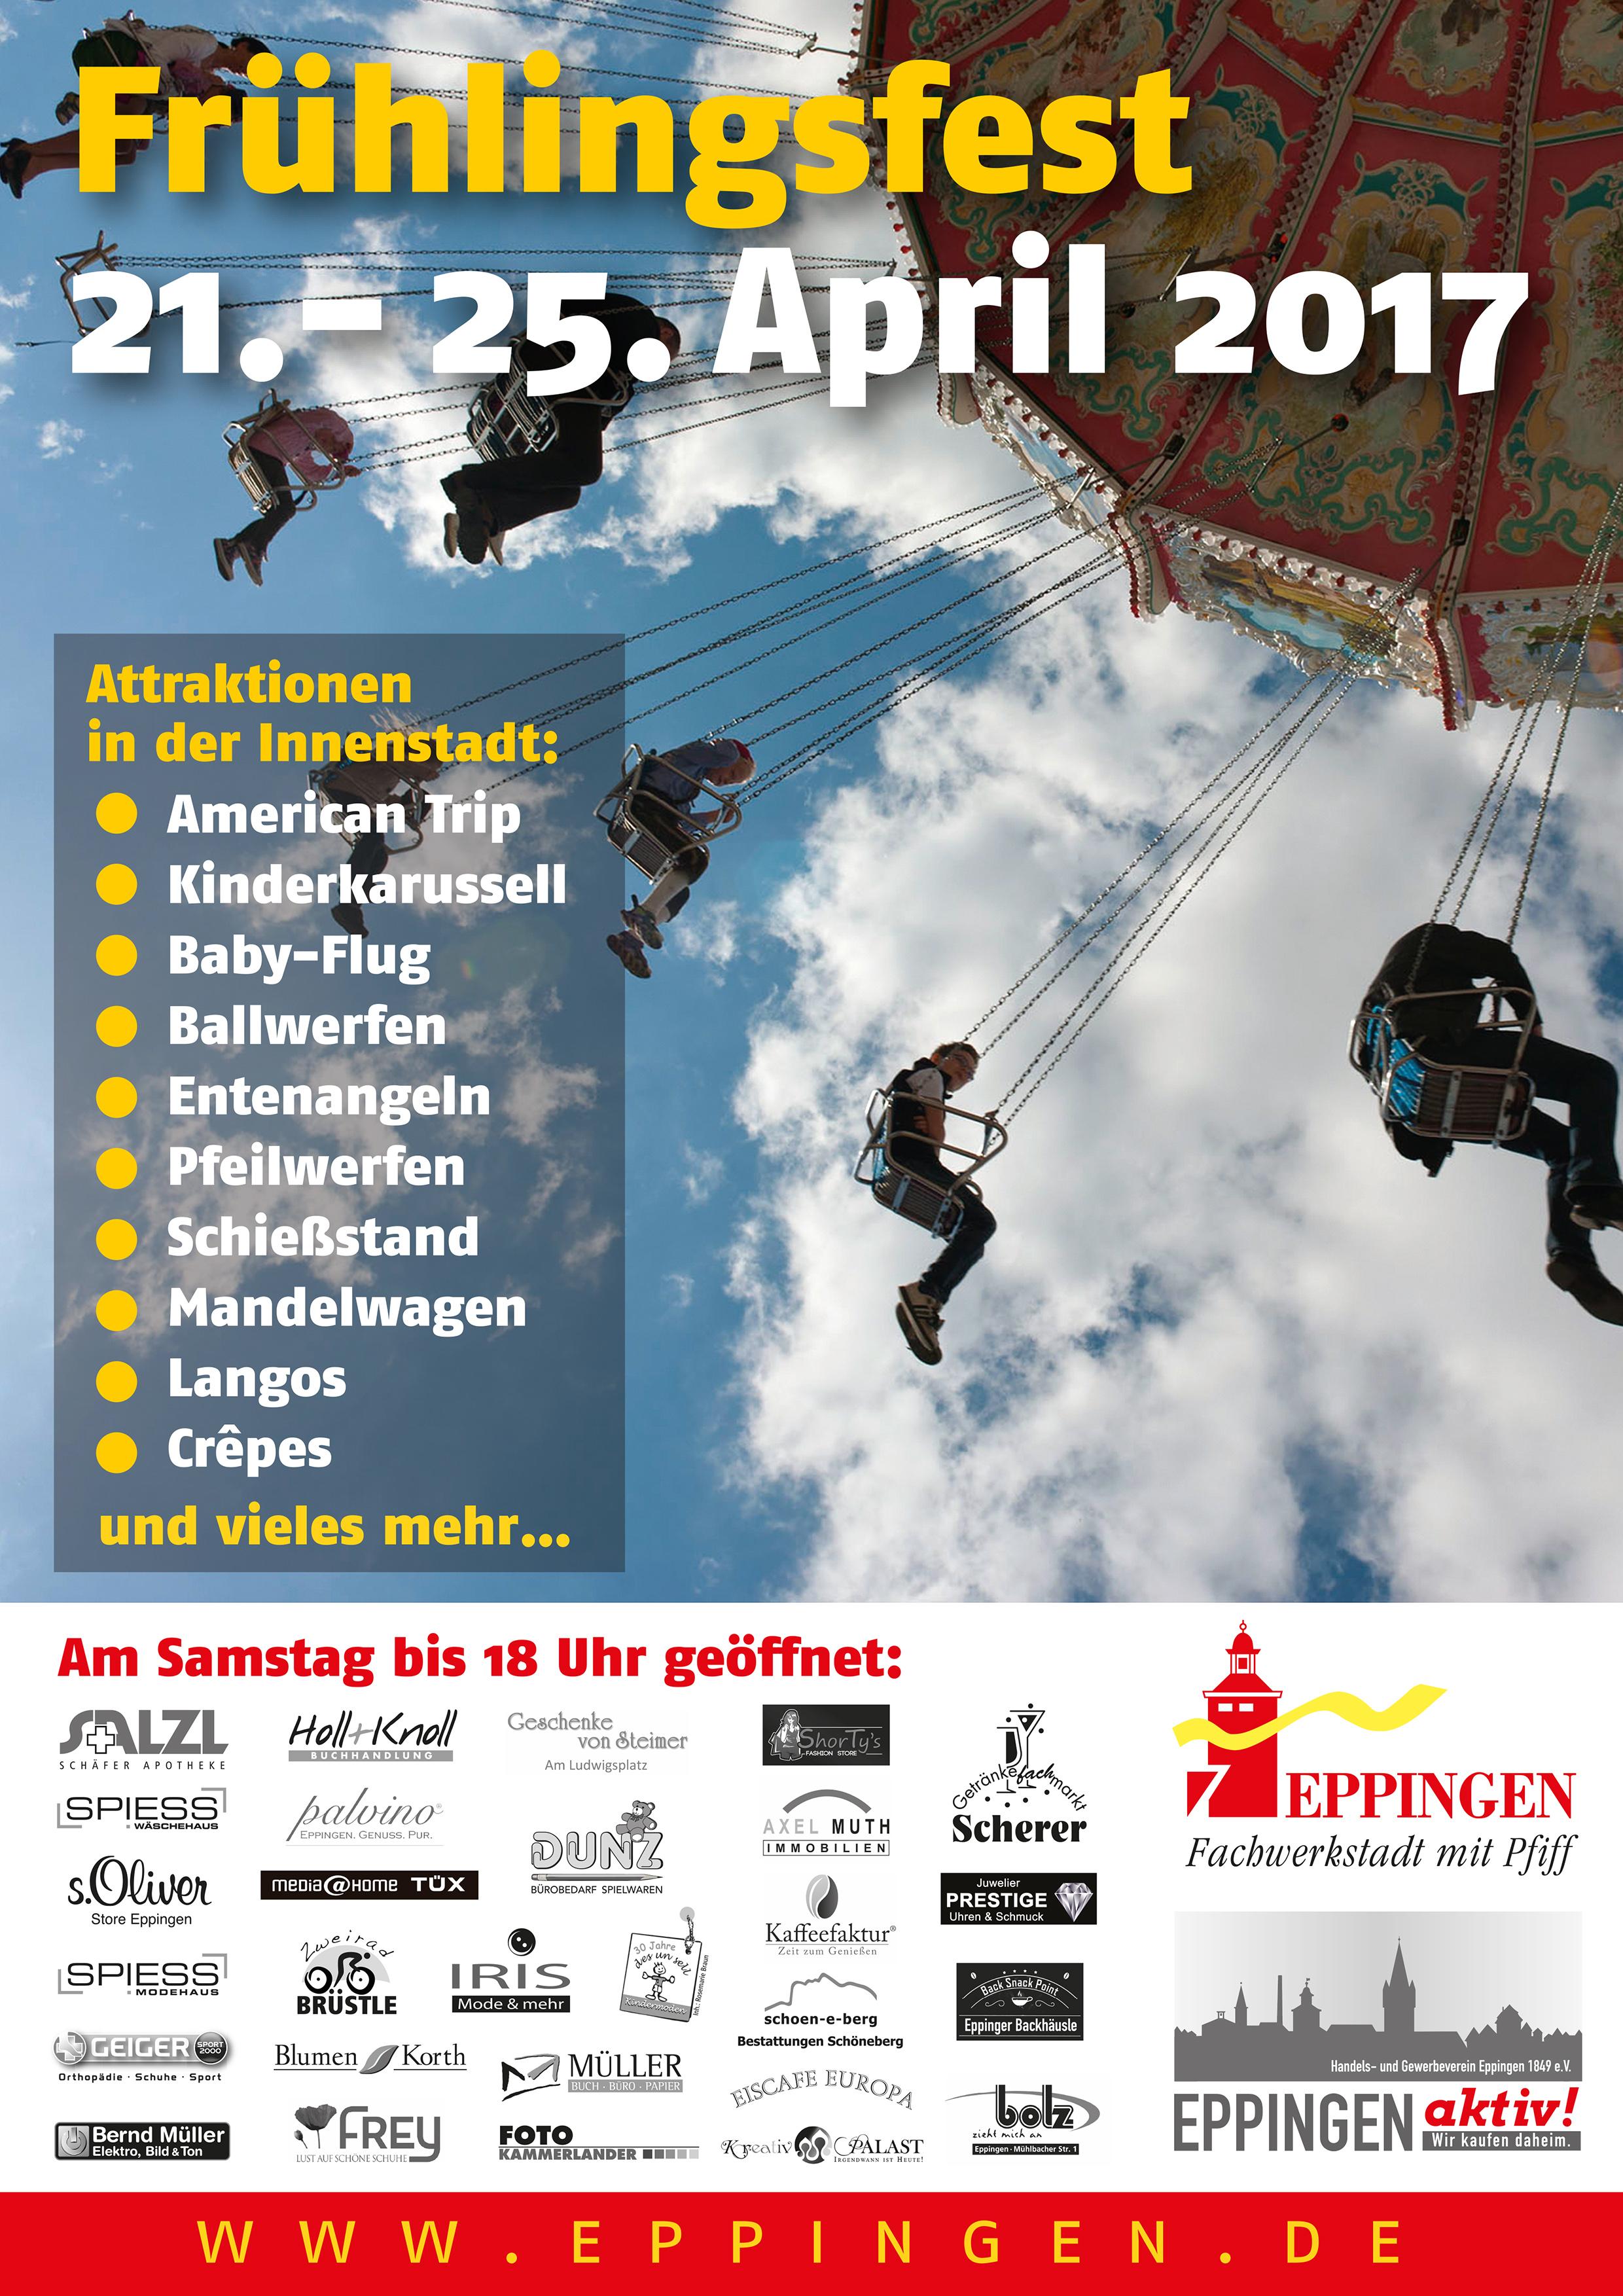 Frühlingsfest 2017Eppingen